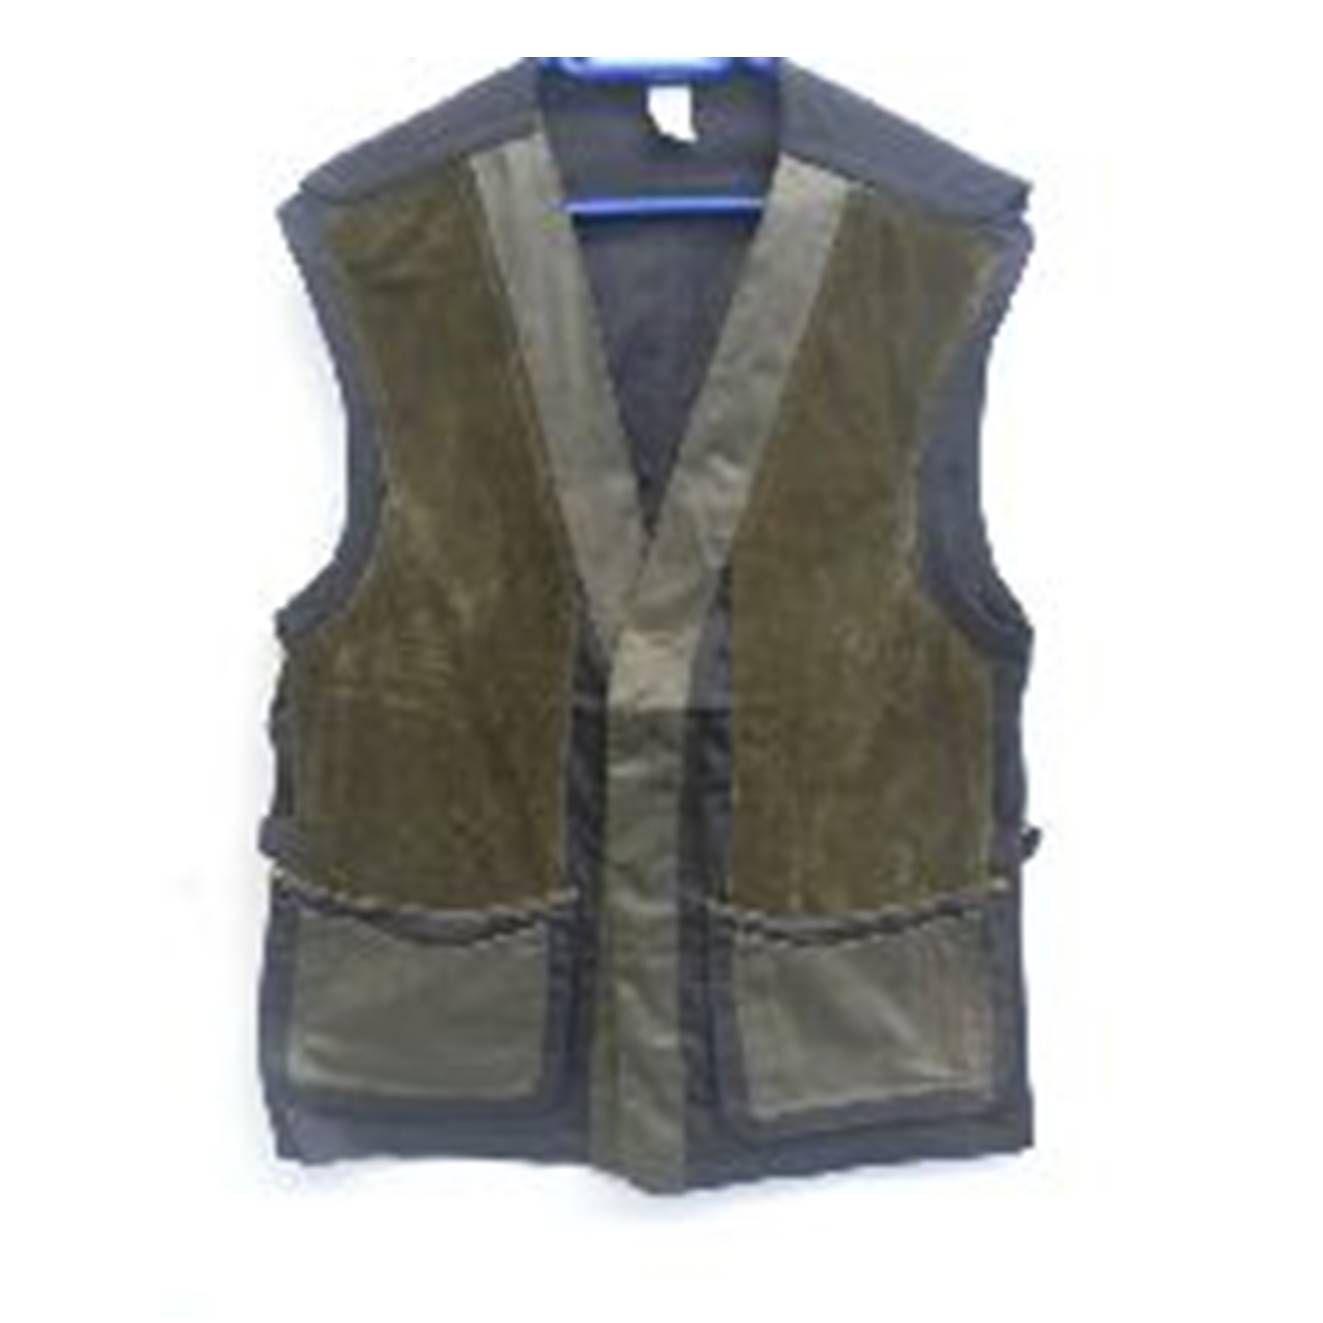 Chaleco de tiro en verde y marrón con doble bolsillo: Tienda online de Artículos de Caza